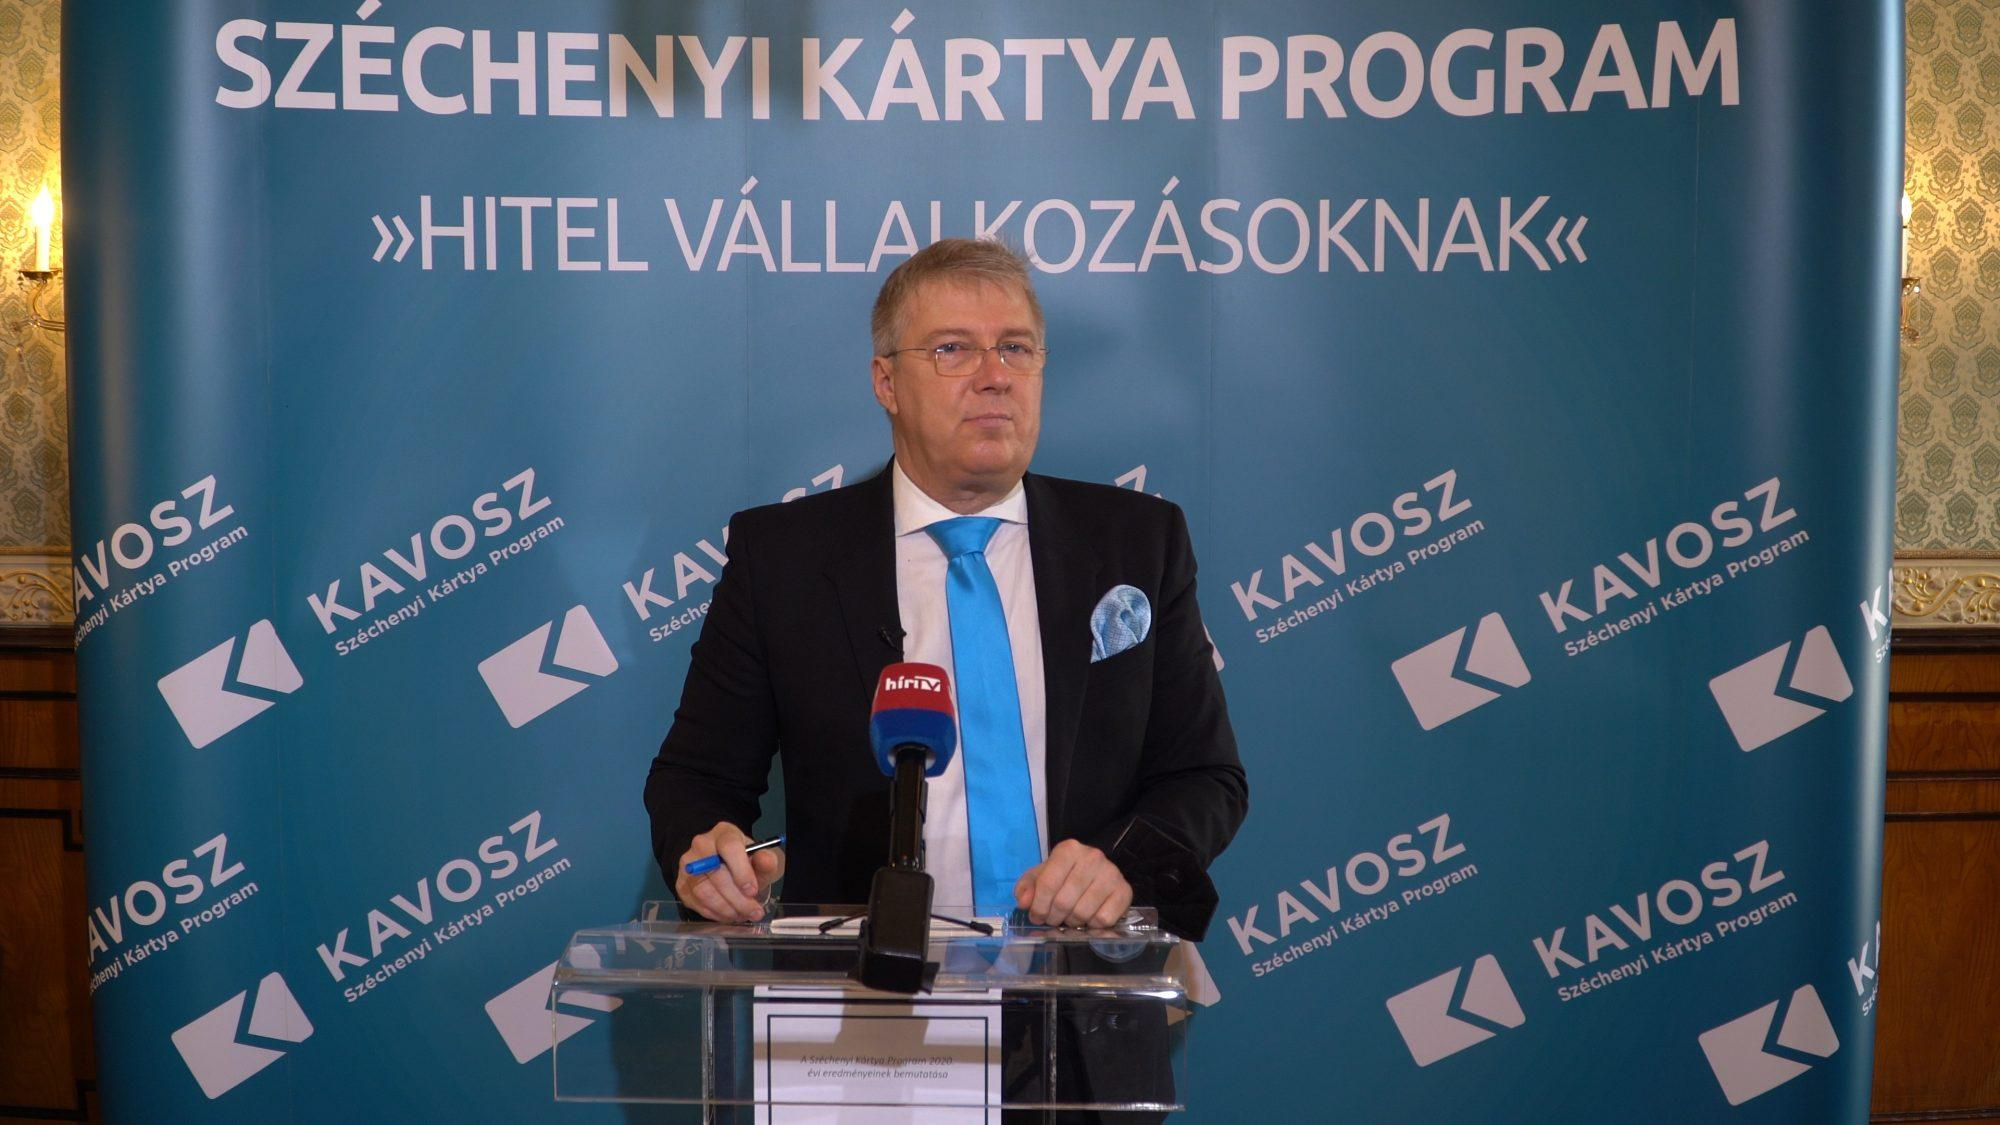 Krisán László, bejelentés, sajtótájékoztató